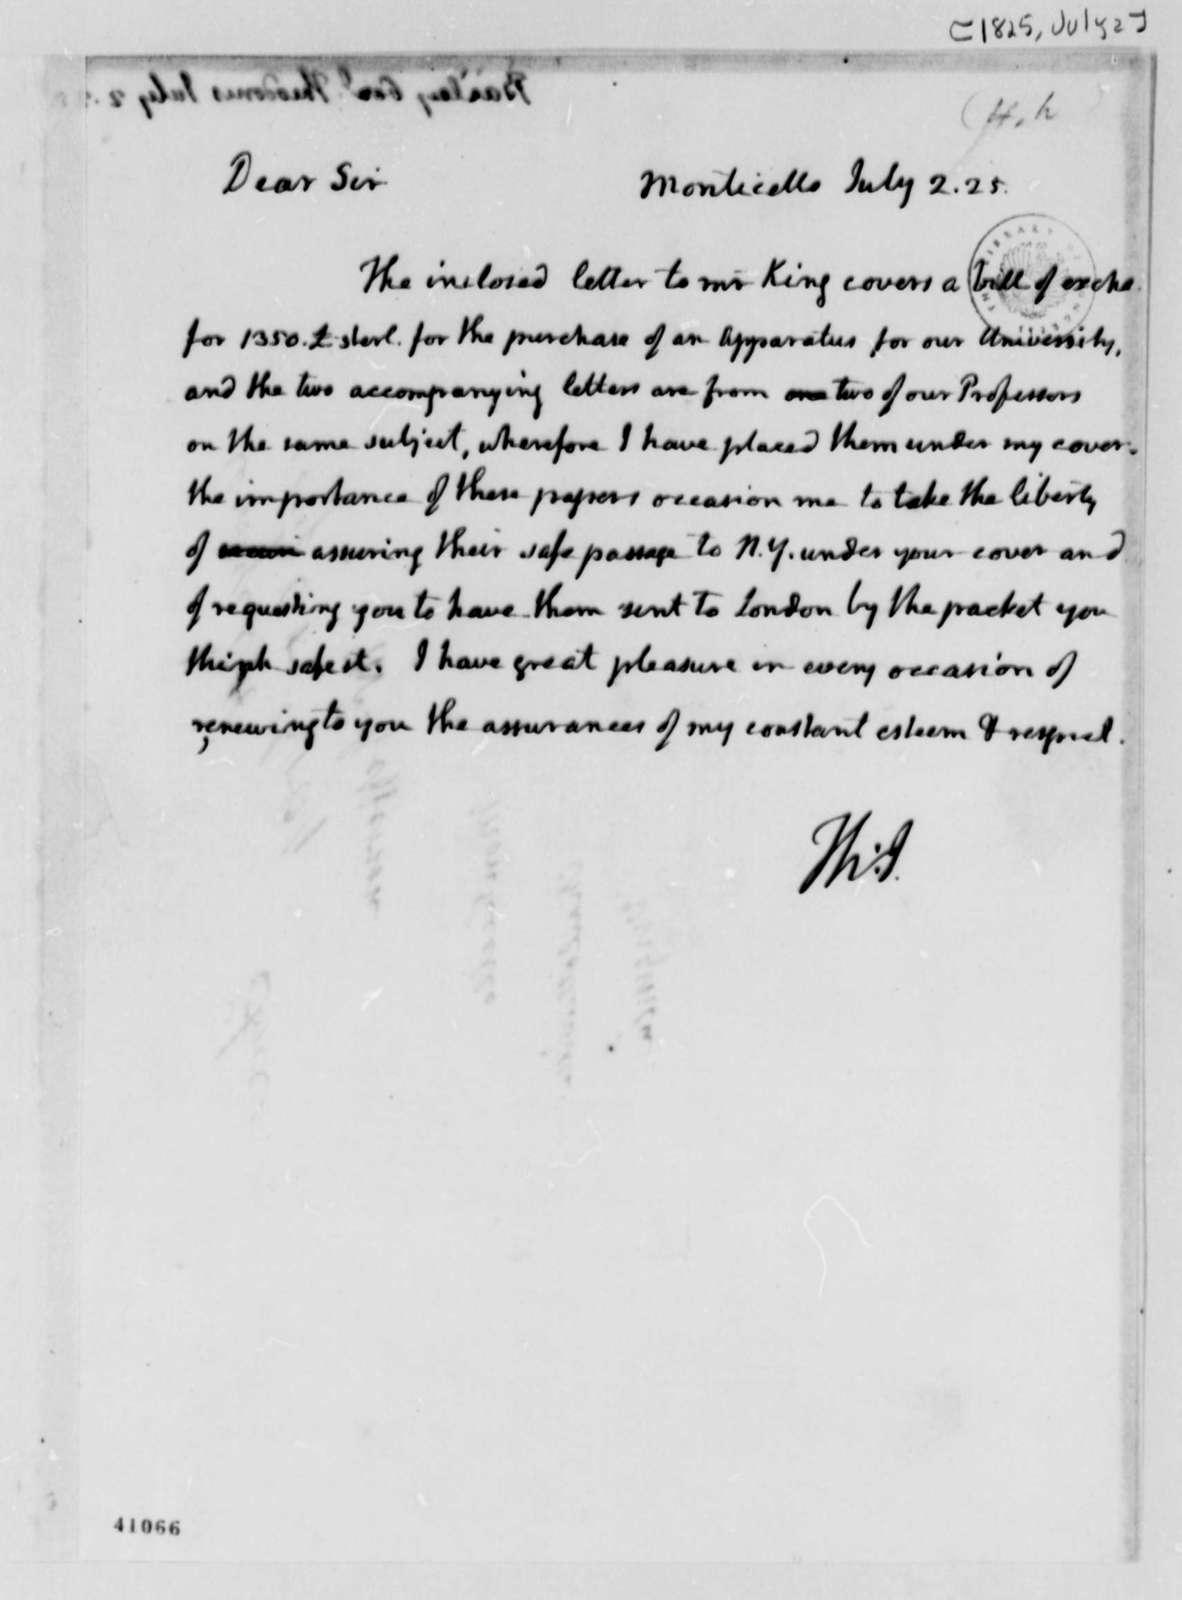 Thomas Jefferson to Theodorus Bailey, July 2, 1825